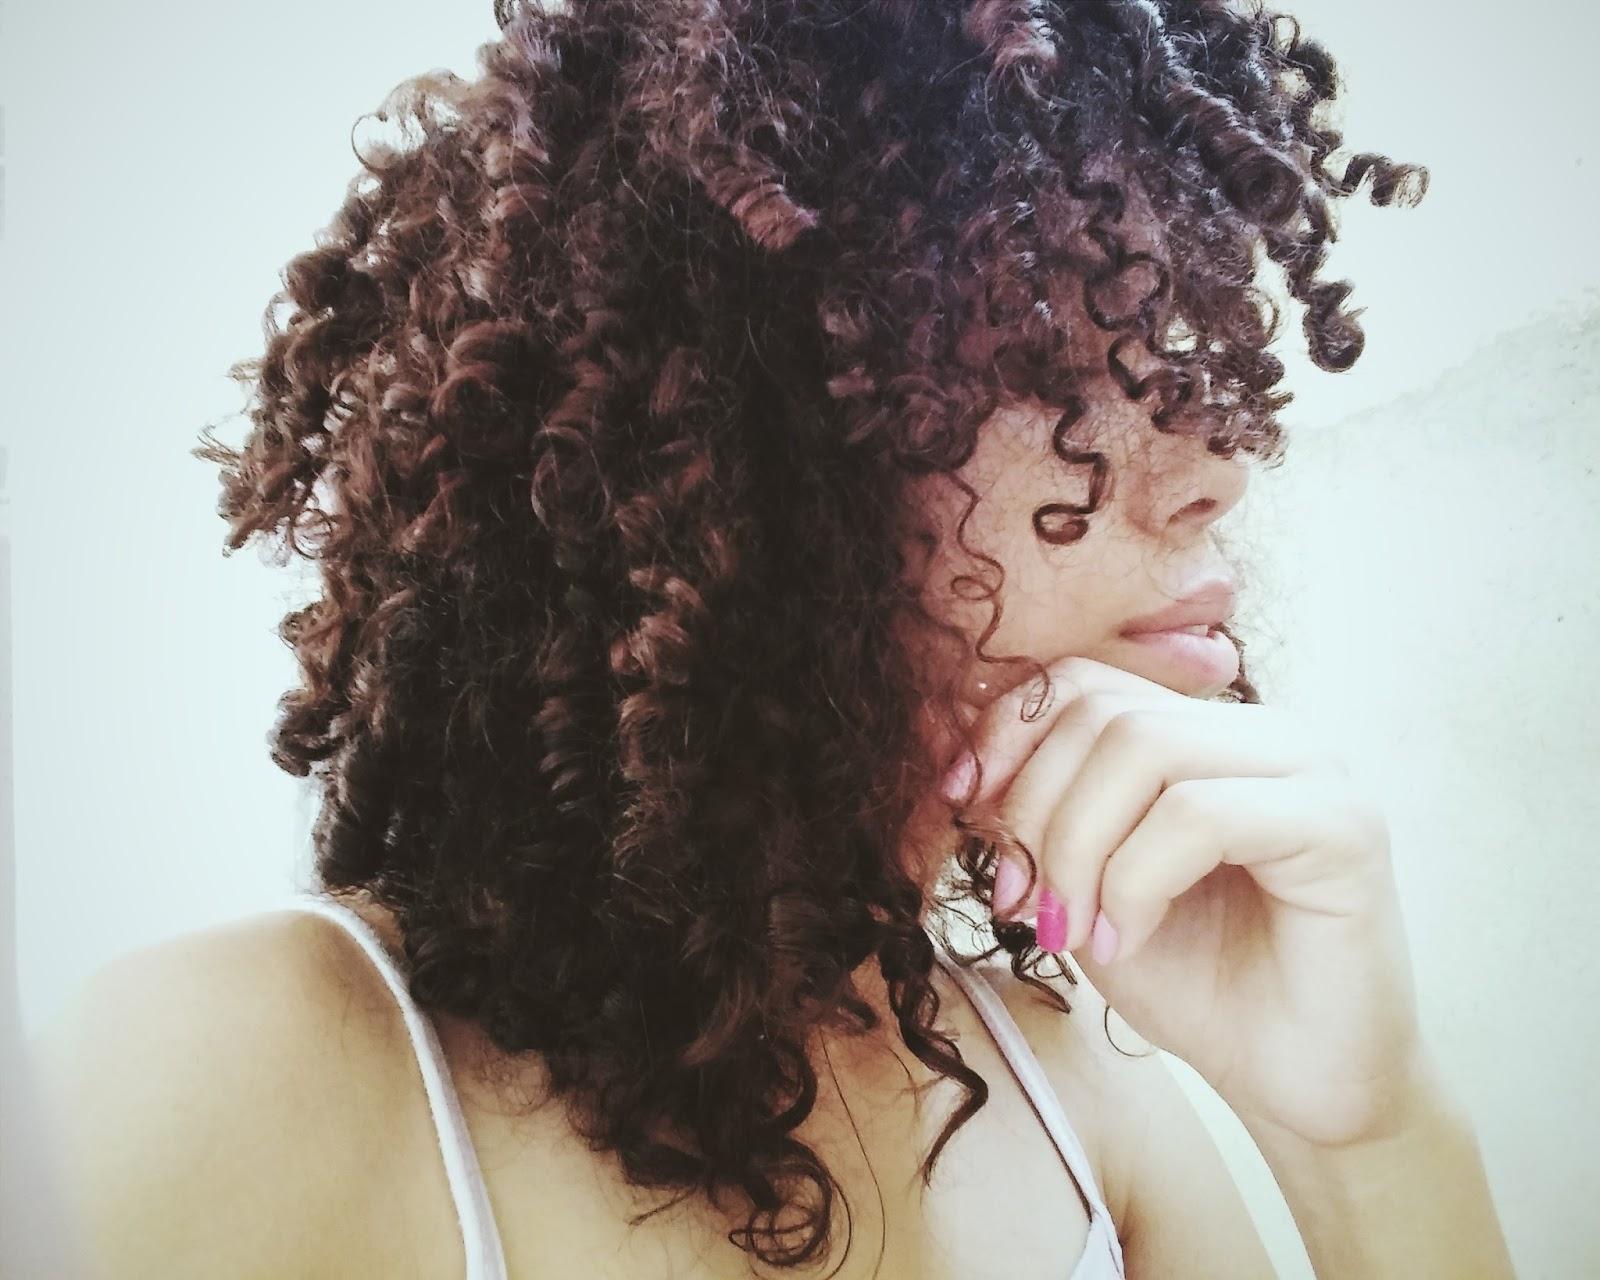 Dicas para não desistir da transição capilar, transição capilar, cachos, cabelo cacheado, voltando aos cachos, to de cachos, cachos perfeitos, blog kahena kévya, kahena kévya, kahena kevya, kahena,